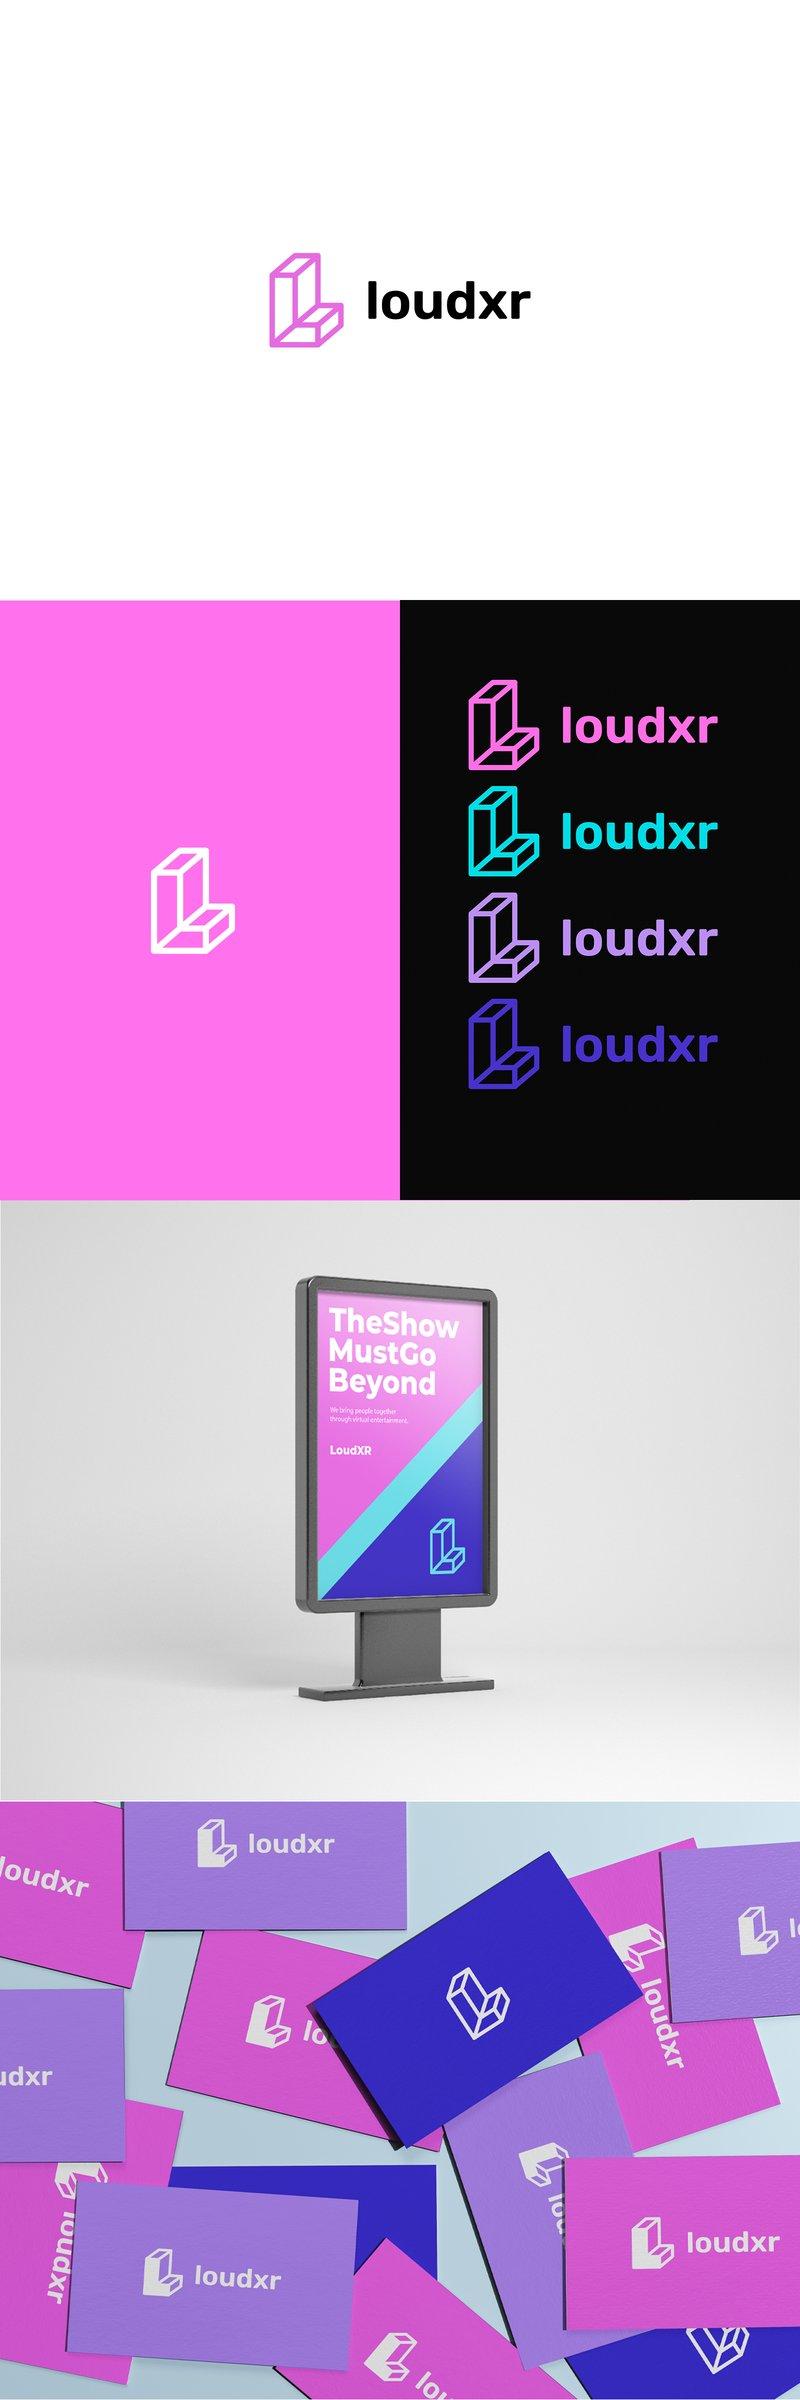 Логотип для loudXR – работа в портфолио фрилансера